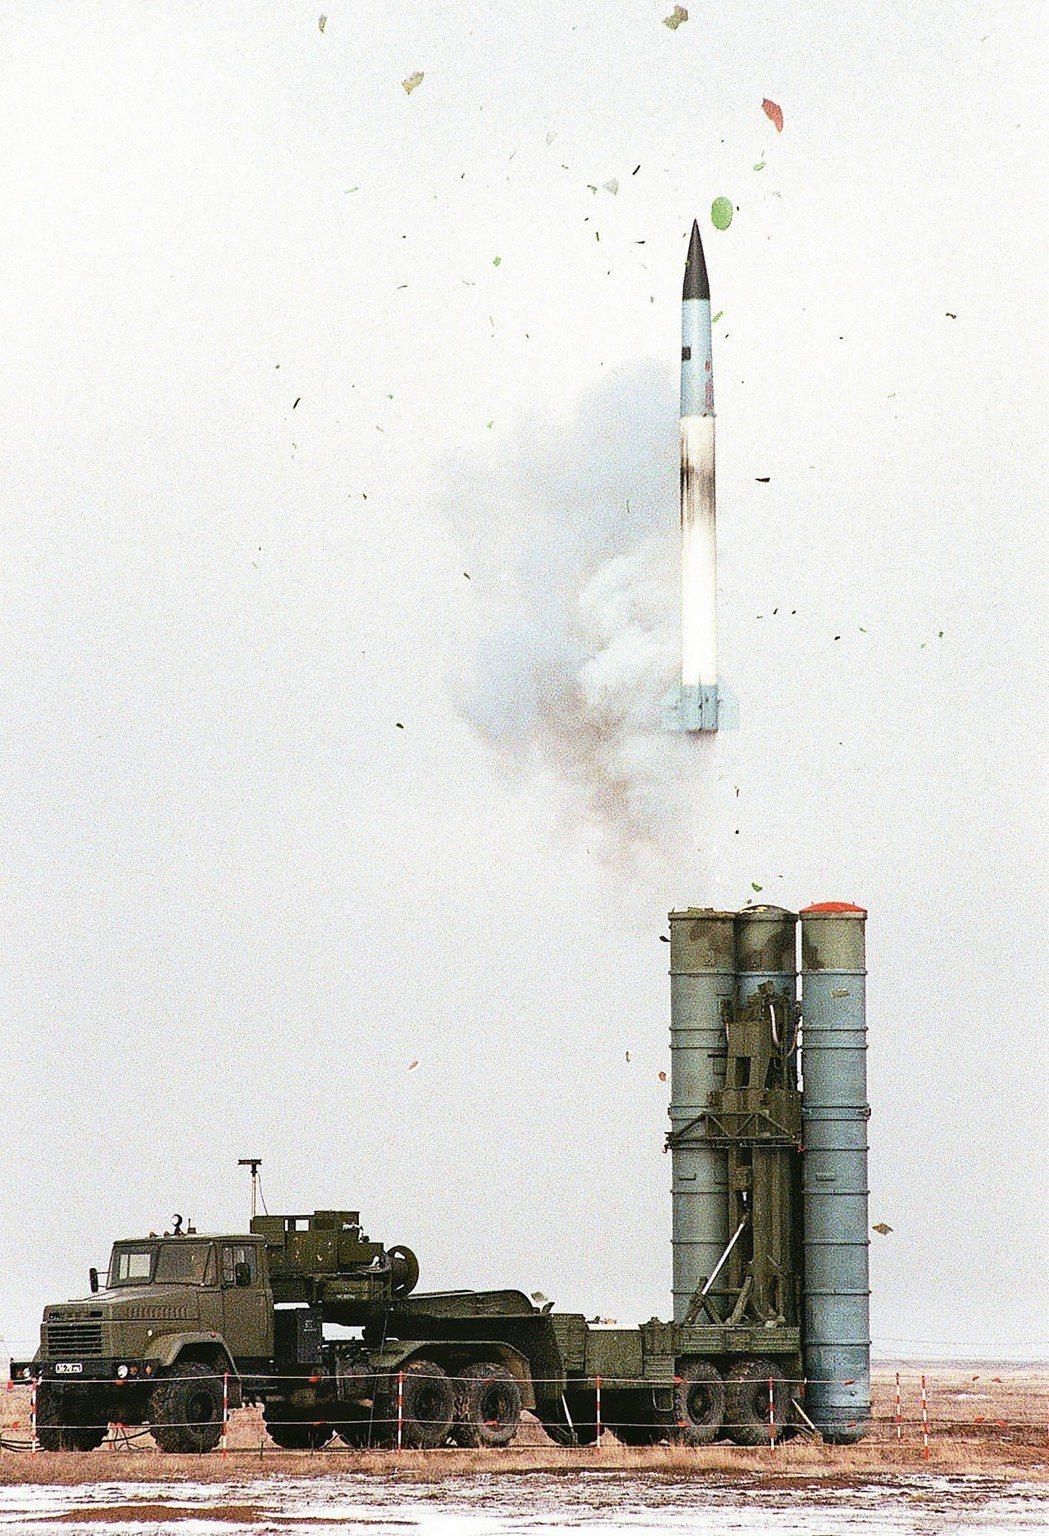 2018年俄羅斯媒體報導,俄國已運送S-400防空飛彈系統到大陸,圖為1999年...